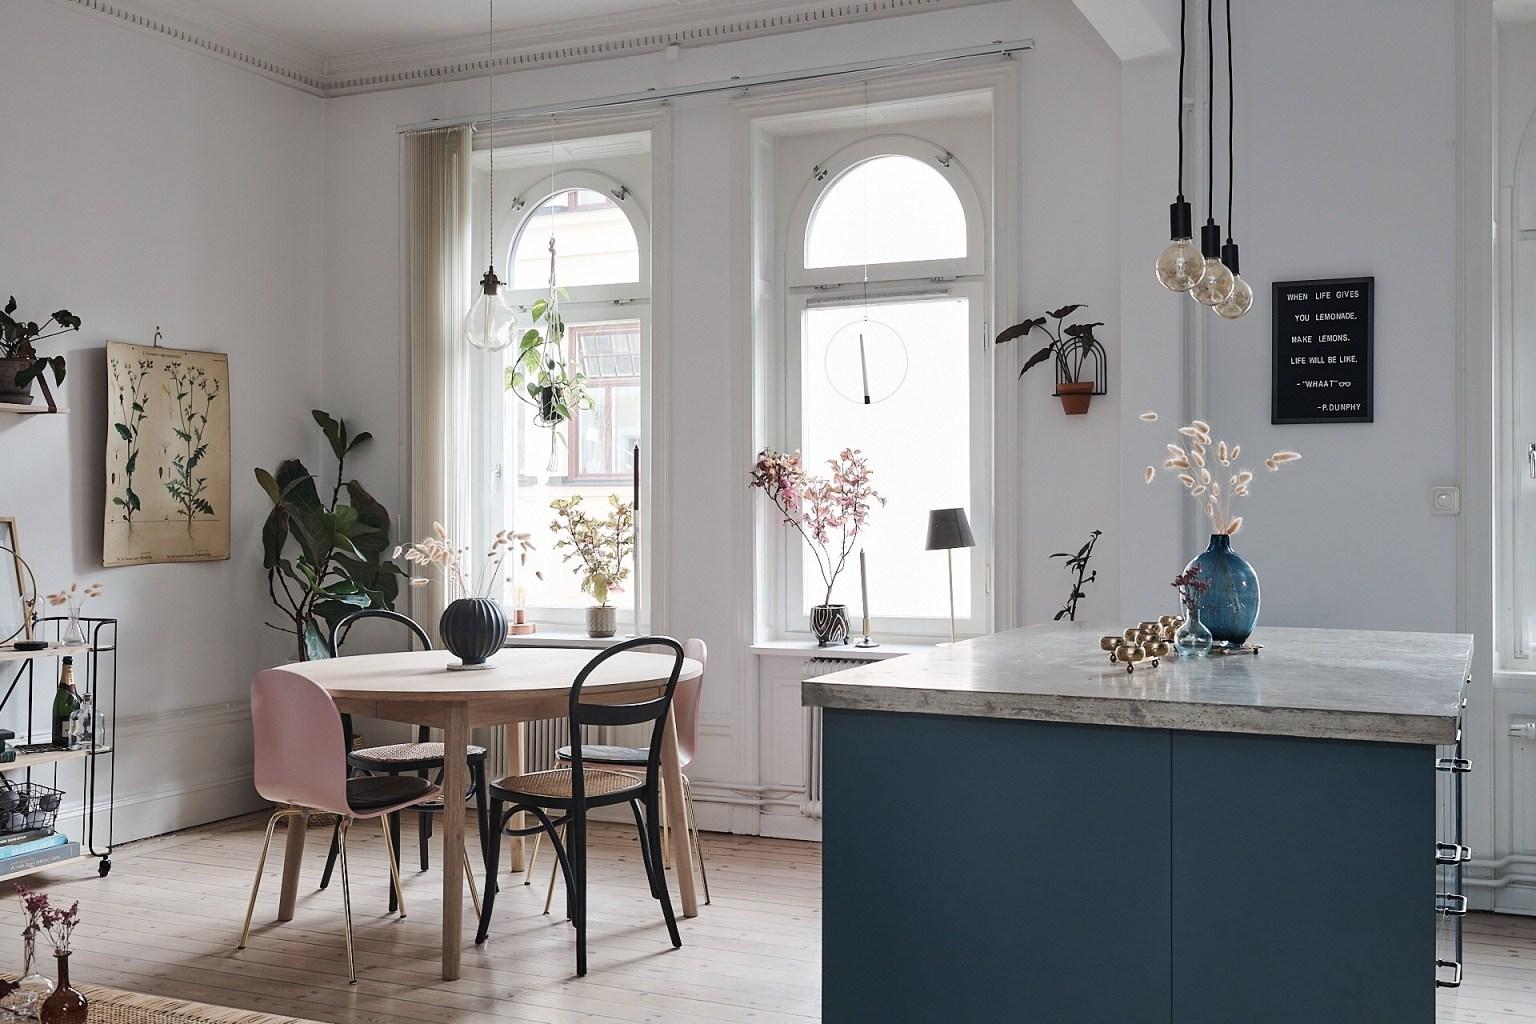 Căn hộ 58m² đẹp tinh tế nhờ phối màu tinh tế theo phong cách Scandinavian - Ảnh 9.